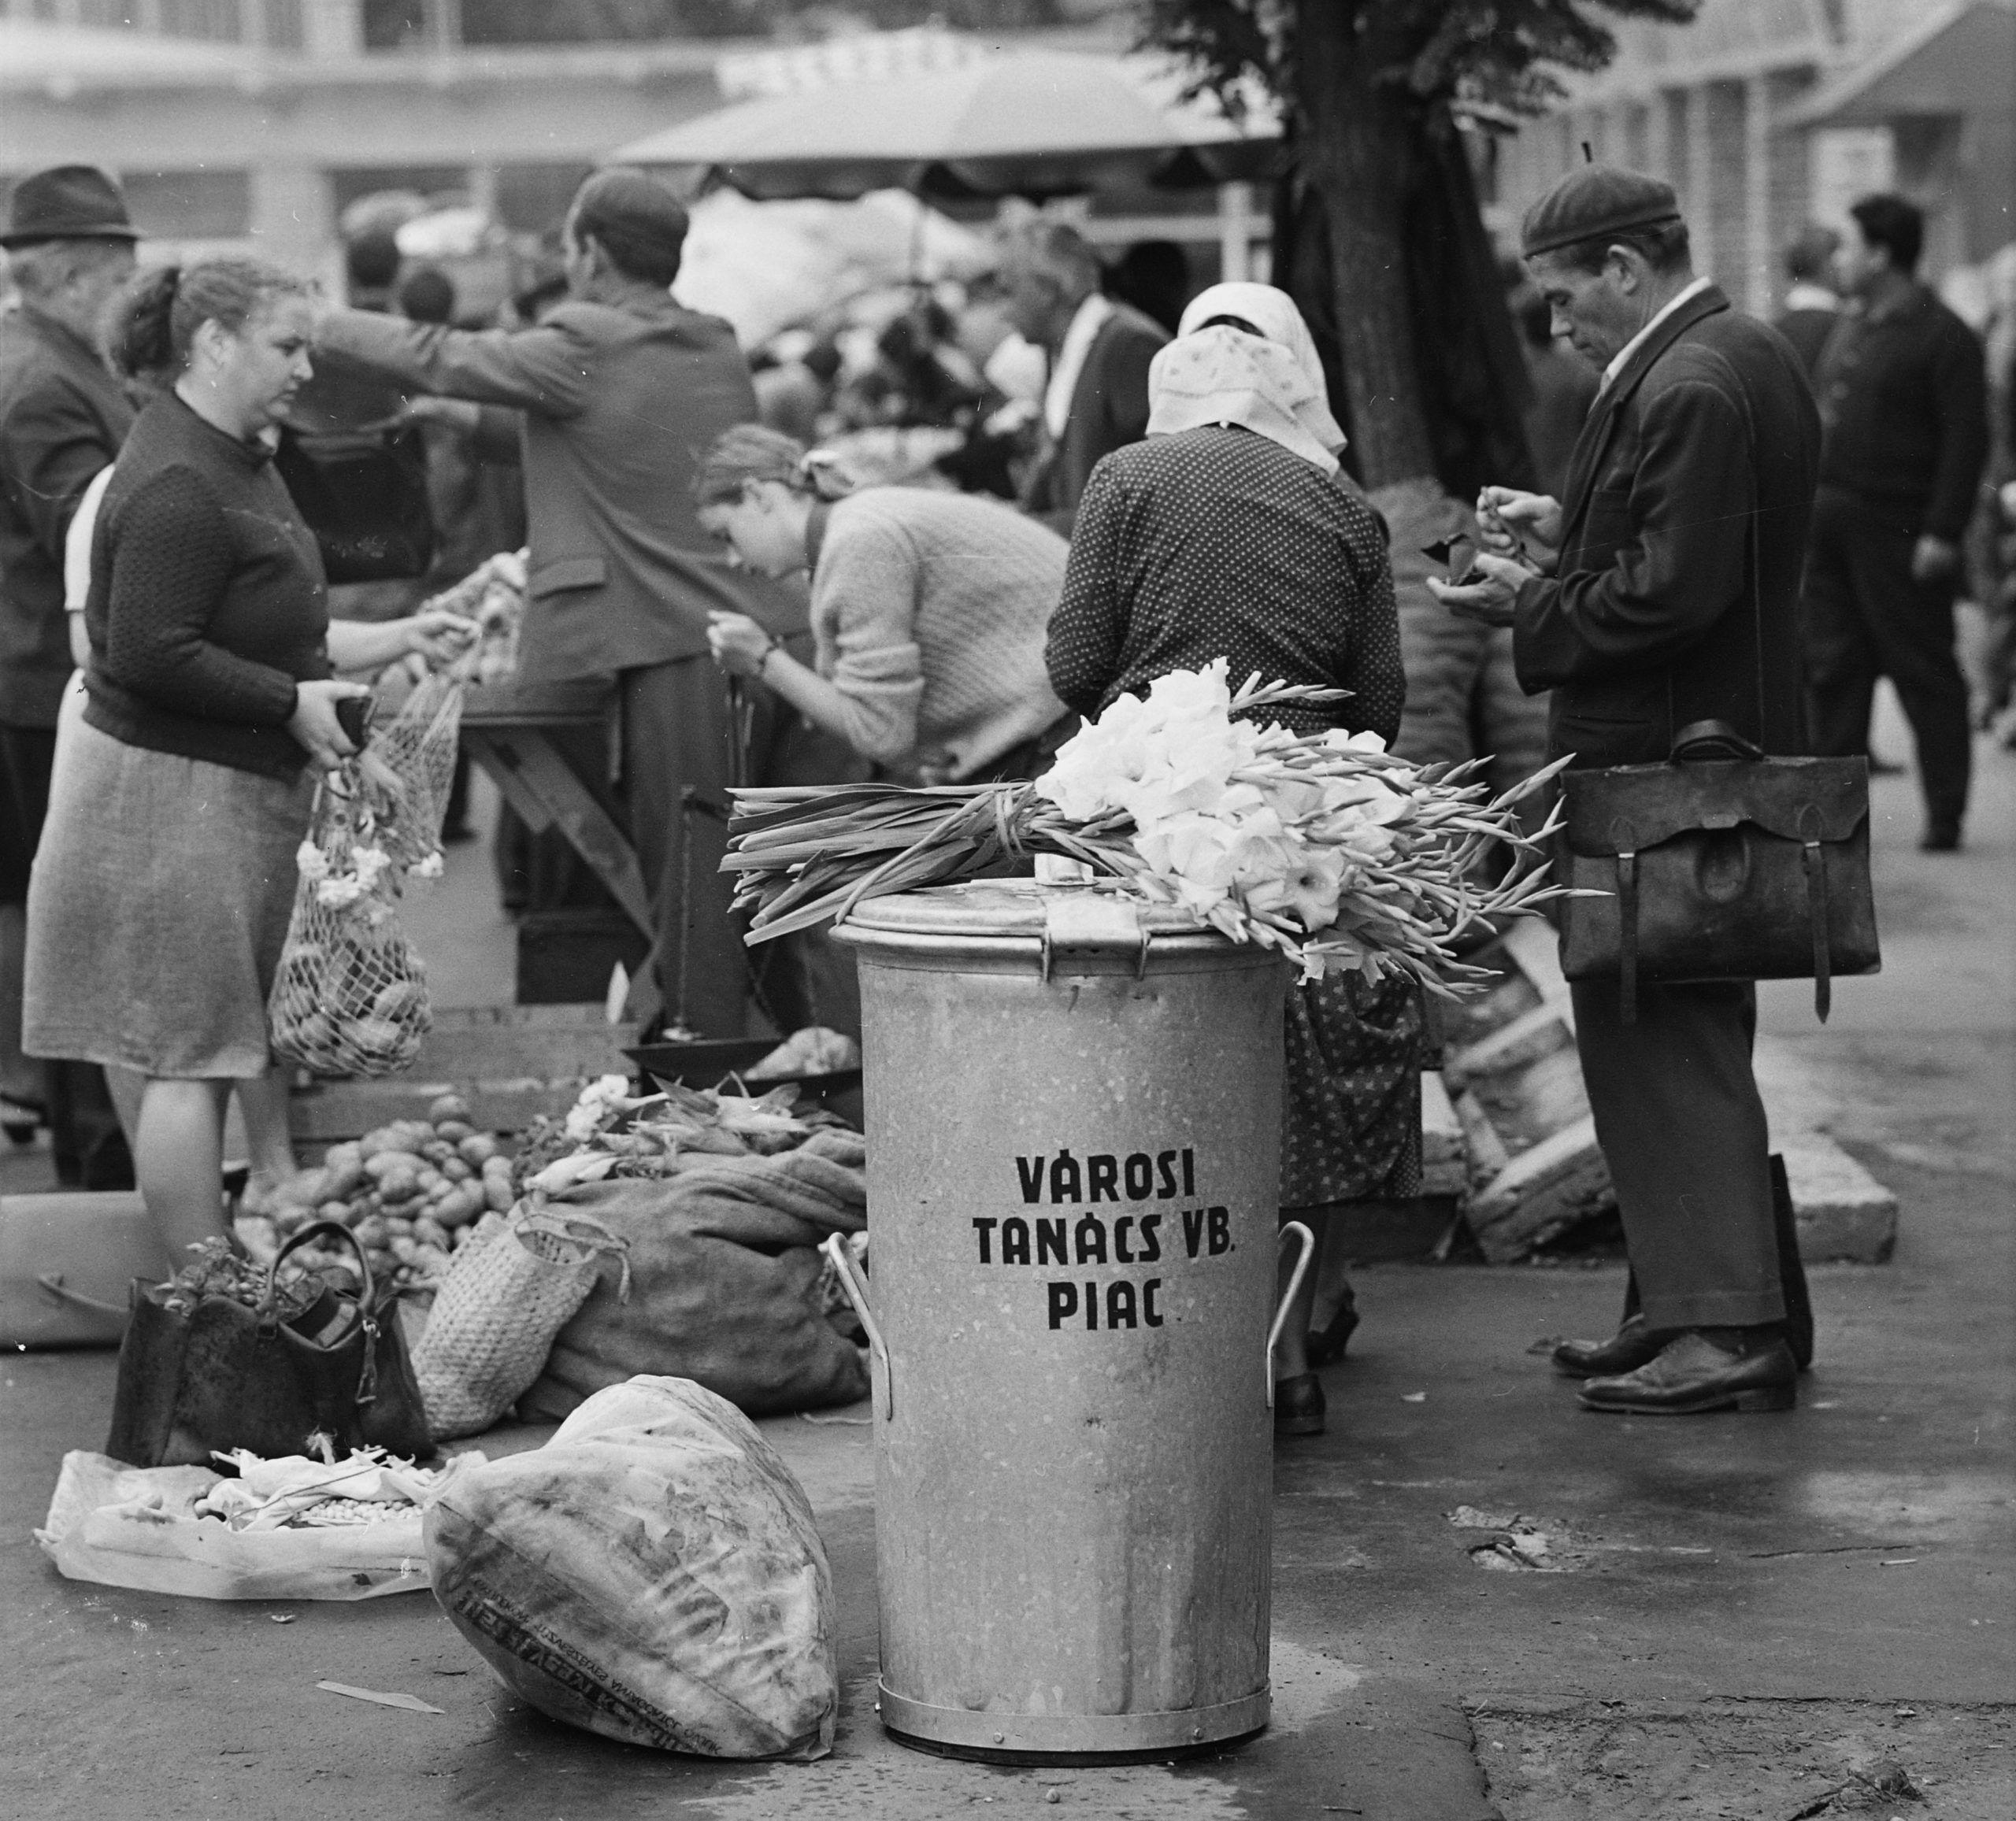 Kardvirág a piacon